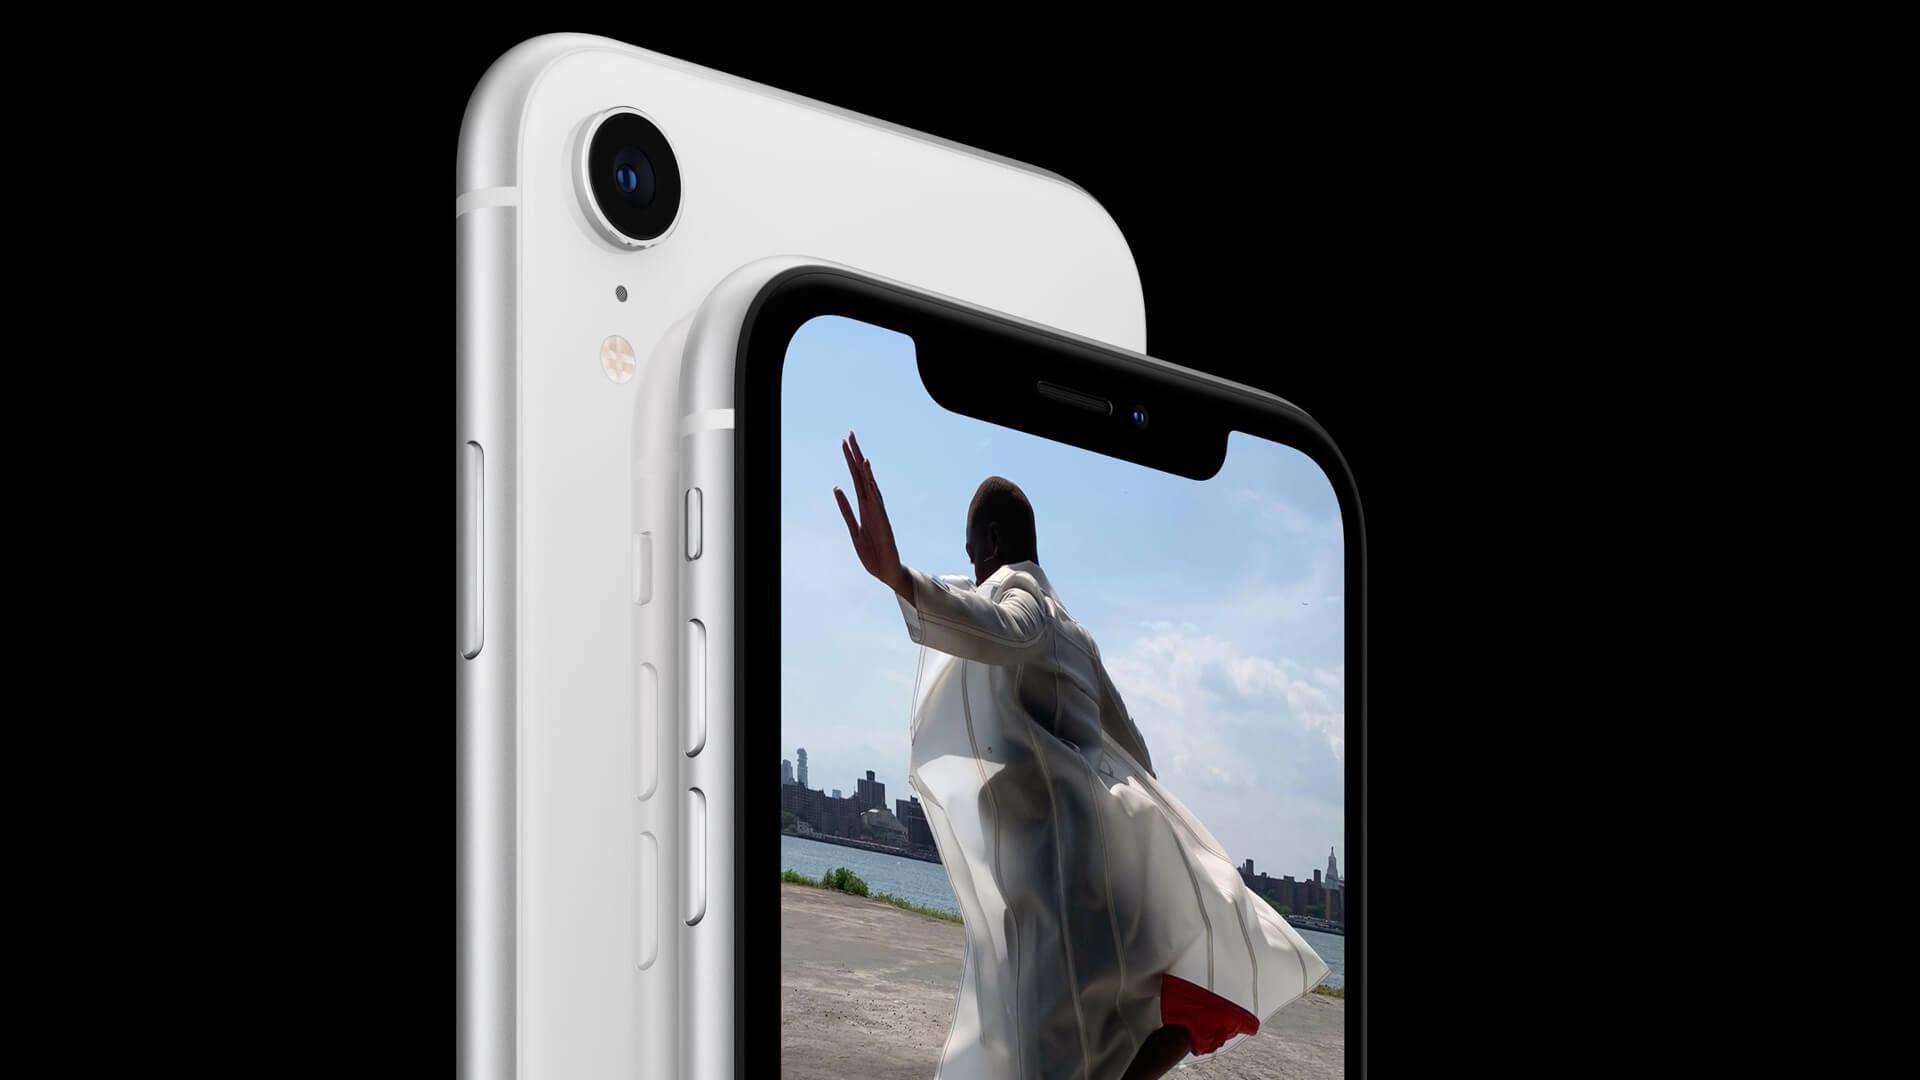 Фил Шиллер оправдал низкое разрешение дисплея iPhone XR — The IT-Files